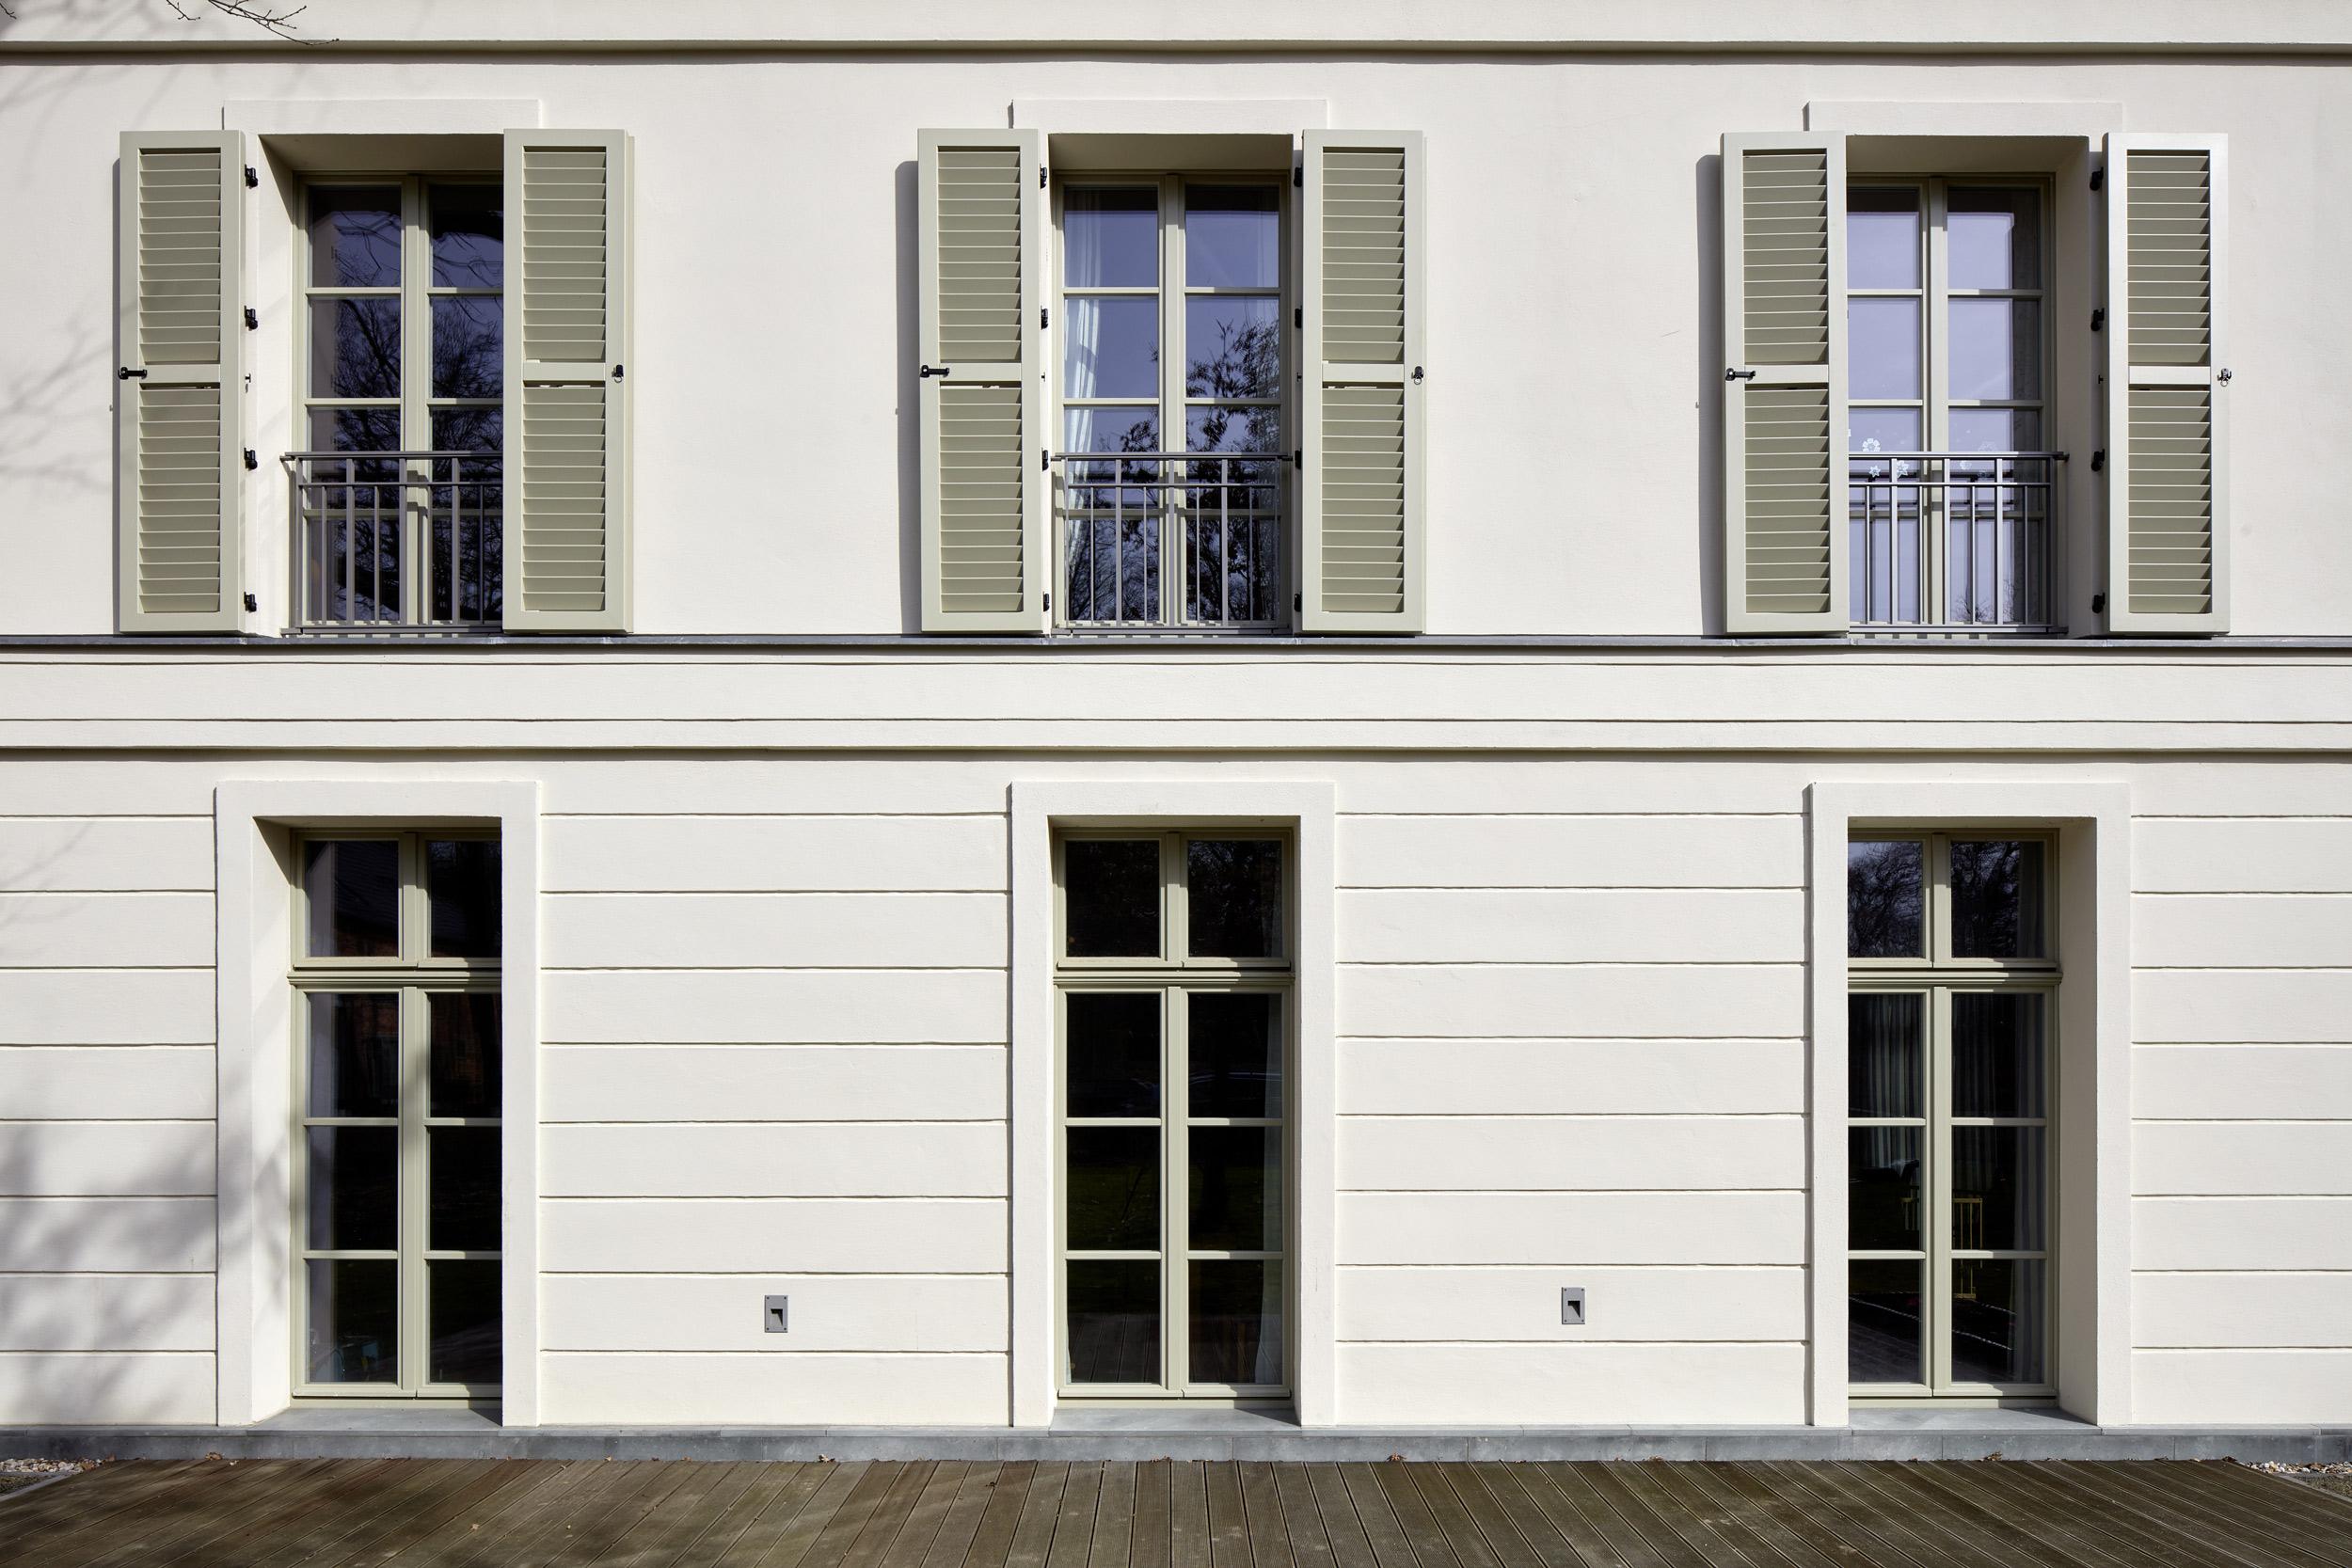 Historische Fensterläden und gesprosste Fenster - Villa in klassisch traditionellem Baustil